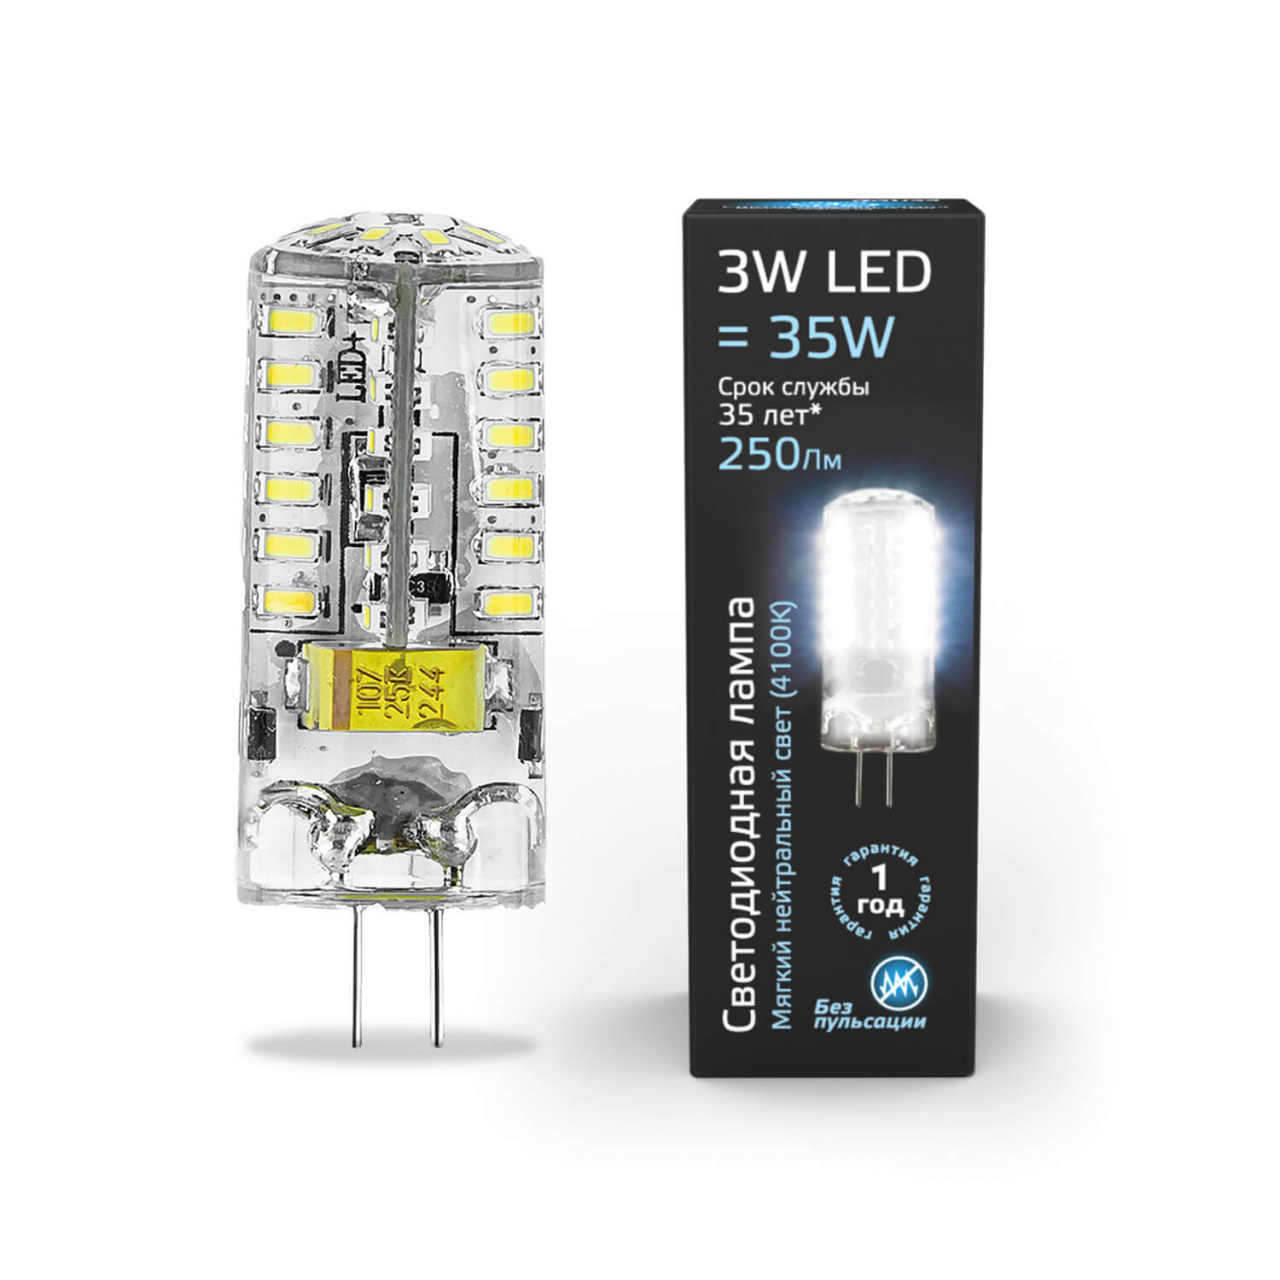 Лампа светодиодная Gauss G4 3W 4100K прозрачная 107707203 gauss лампа светодиодная gauss капсула прозрачная g4 3w 12v 4100k 207707203